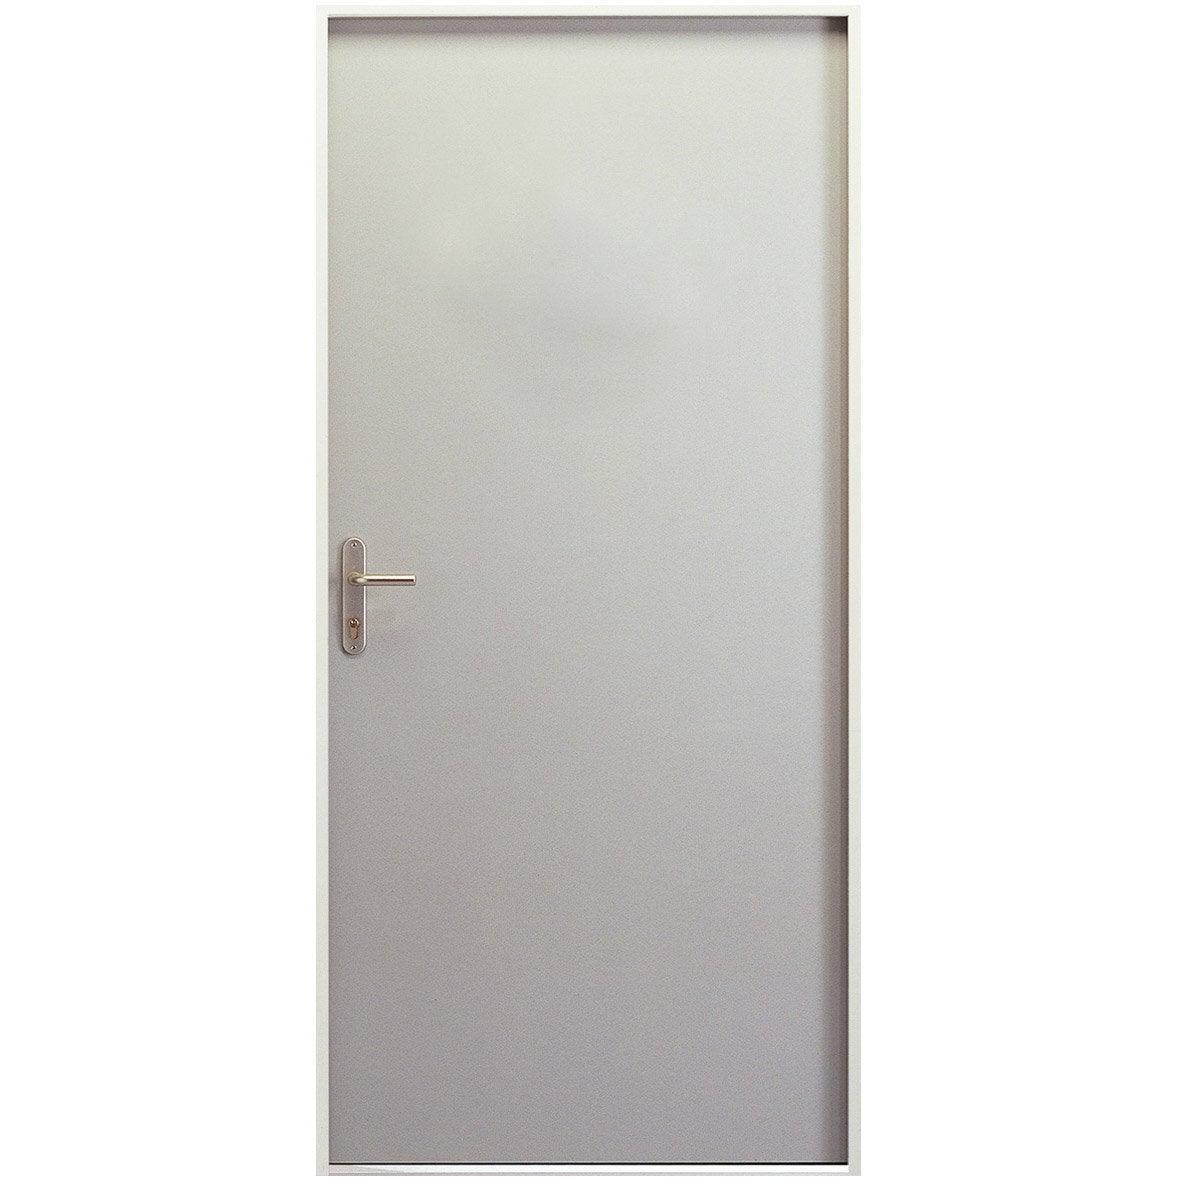 Porte de service Acier Servipac H.204 x l.83 cm pleine prépeint blanc, PD   Leroy Merlin